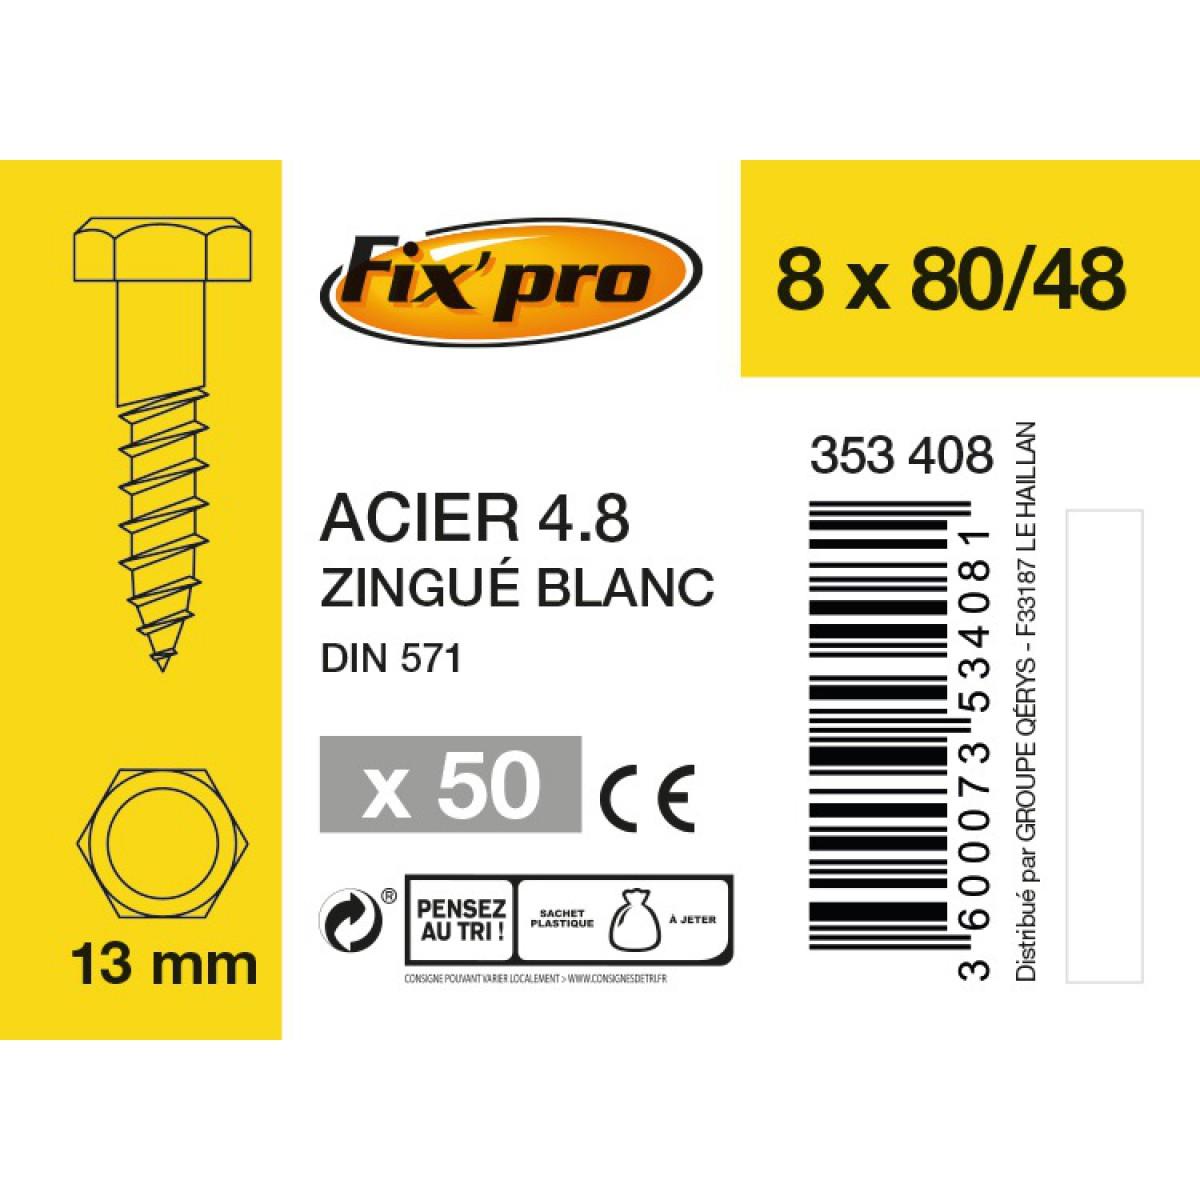 Tirefond tête hexagonale acier zingué - 8x80/48 - 50pces - Fixpro